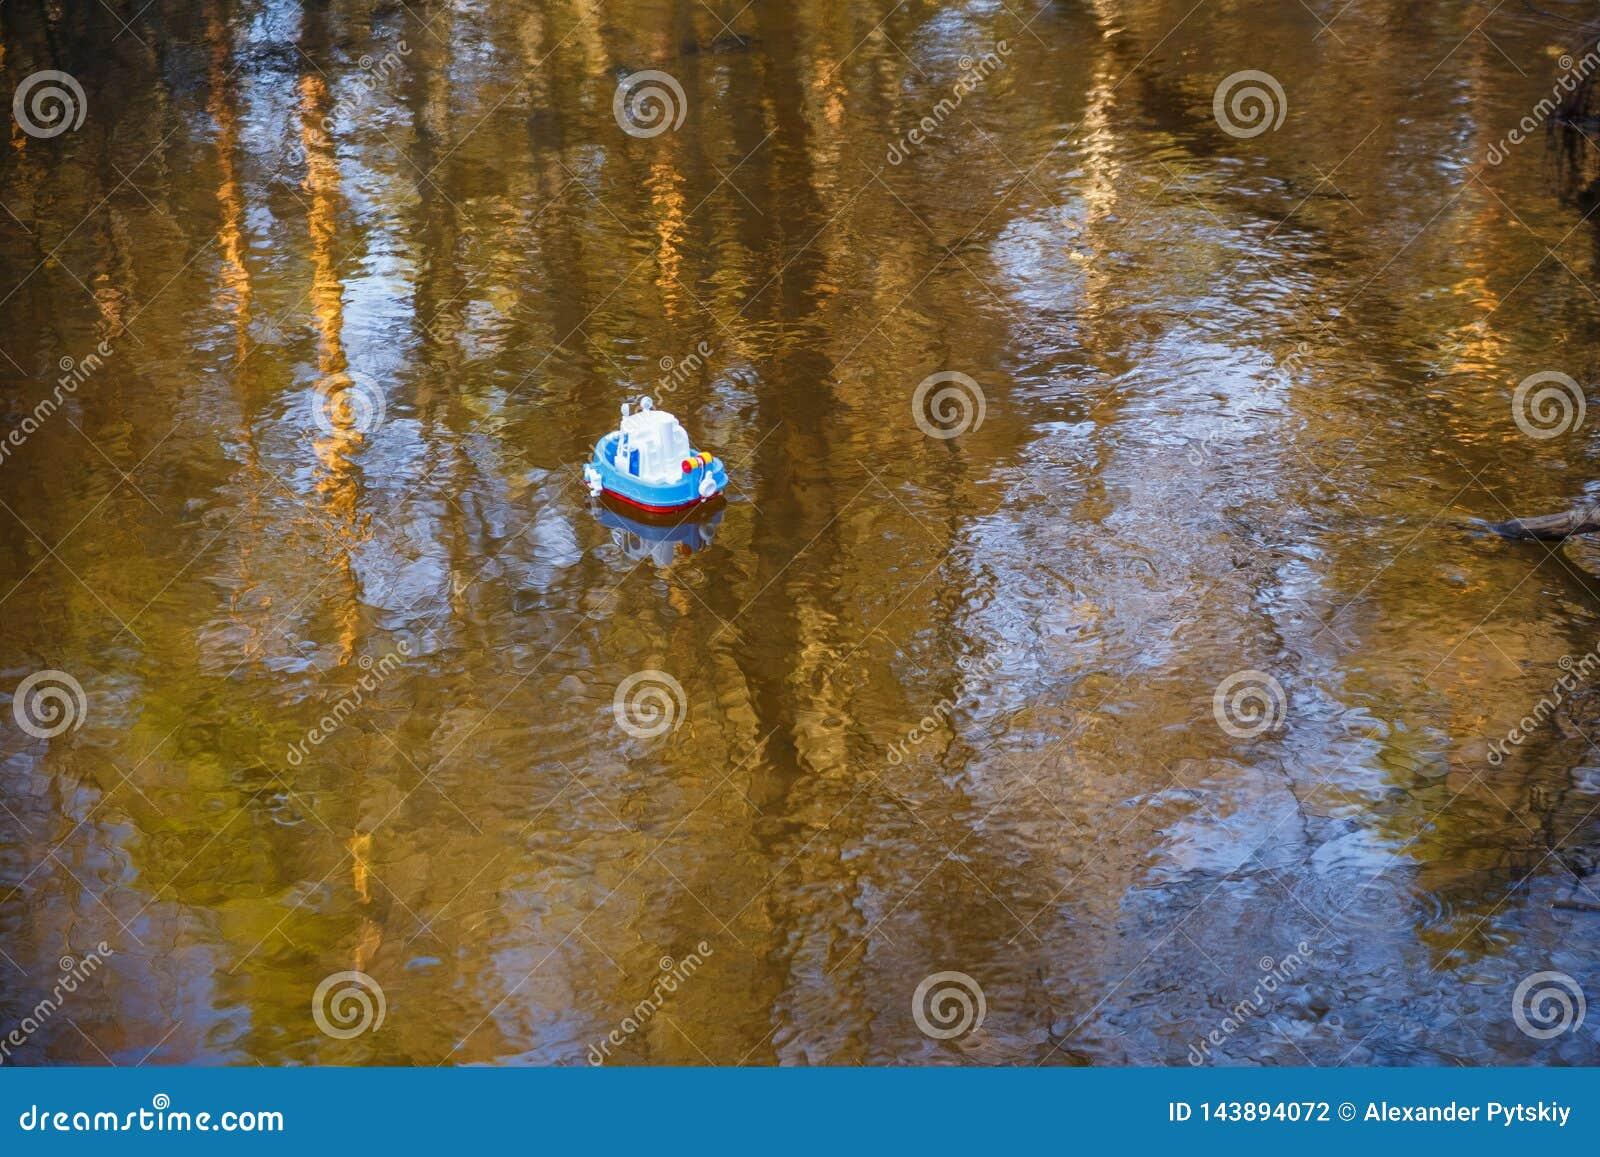 Bootsblau der Kinder geht auf das goldene Wasser